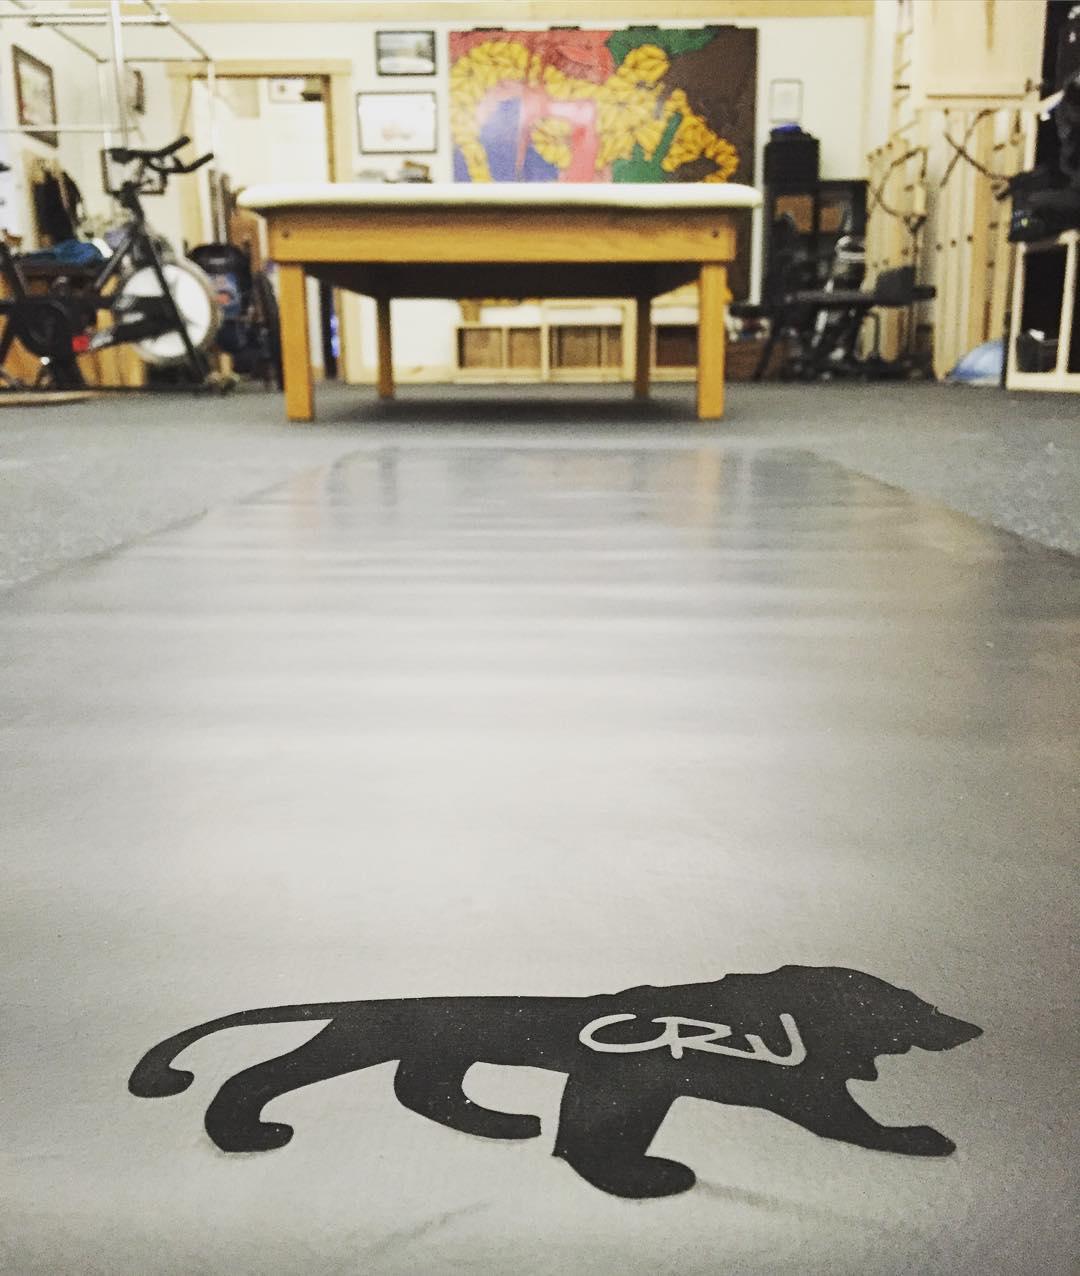 @crj_healingctr x @lululemon yoga mats! Get on your mat. #mats #yoga